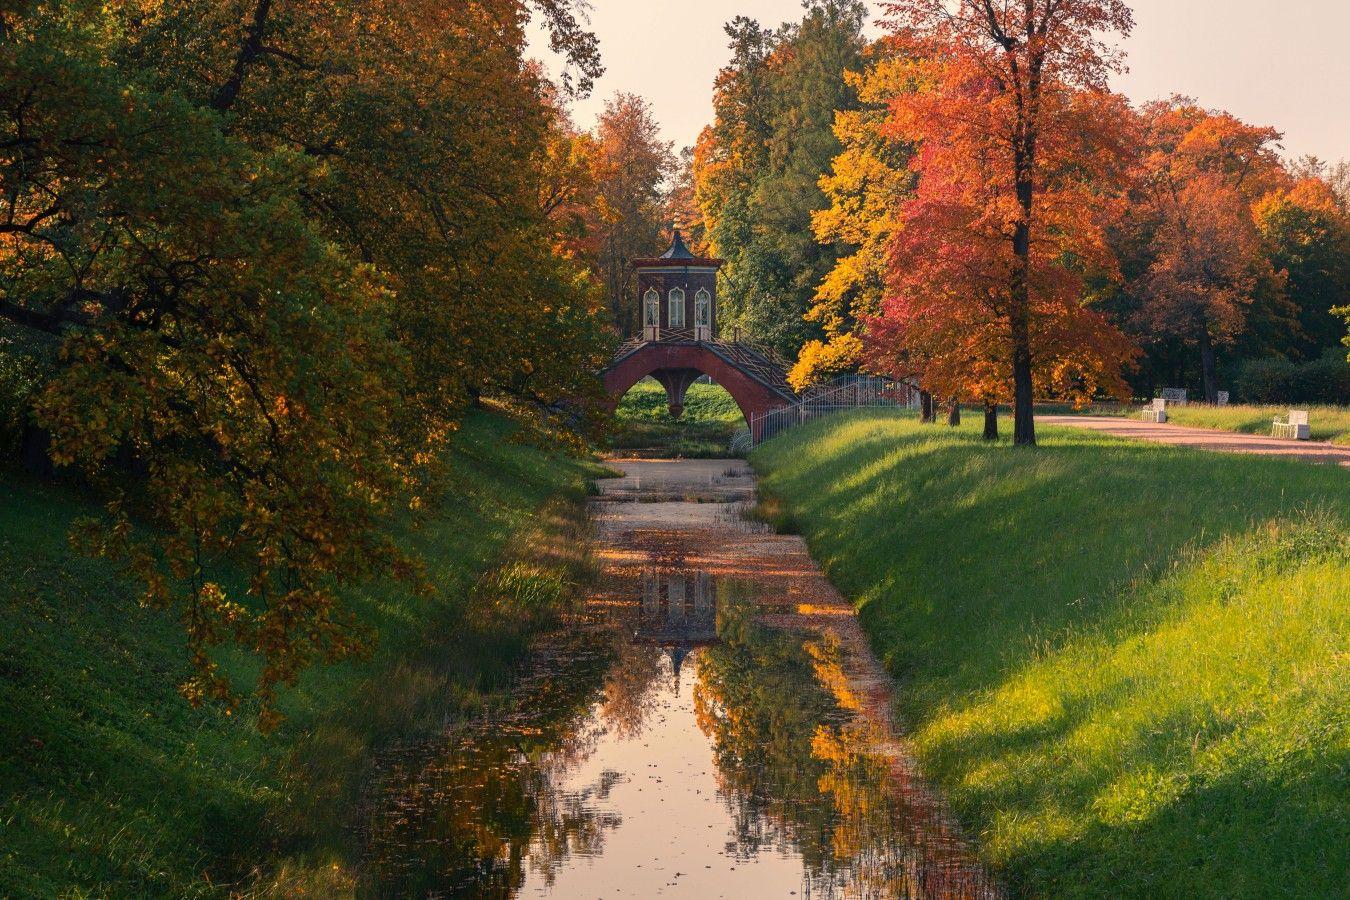 Осень в Царском Селе петербург осень царское село пушкин крестовый мост александровский парк